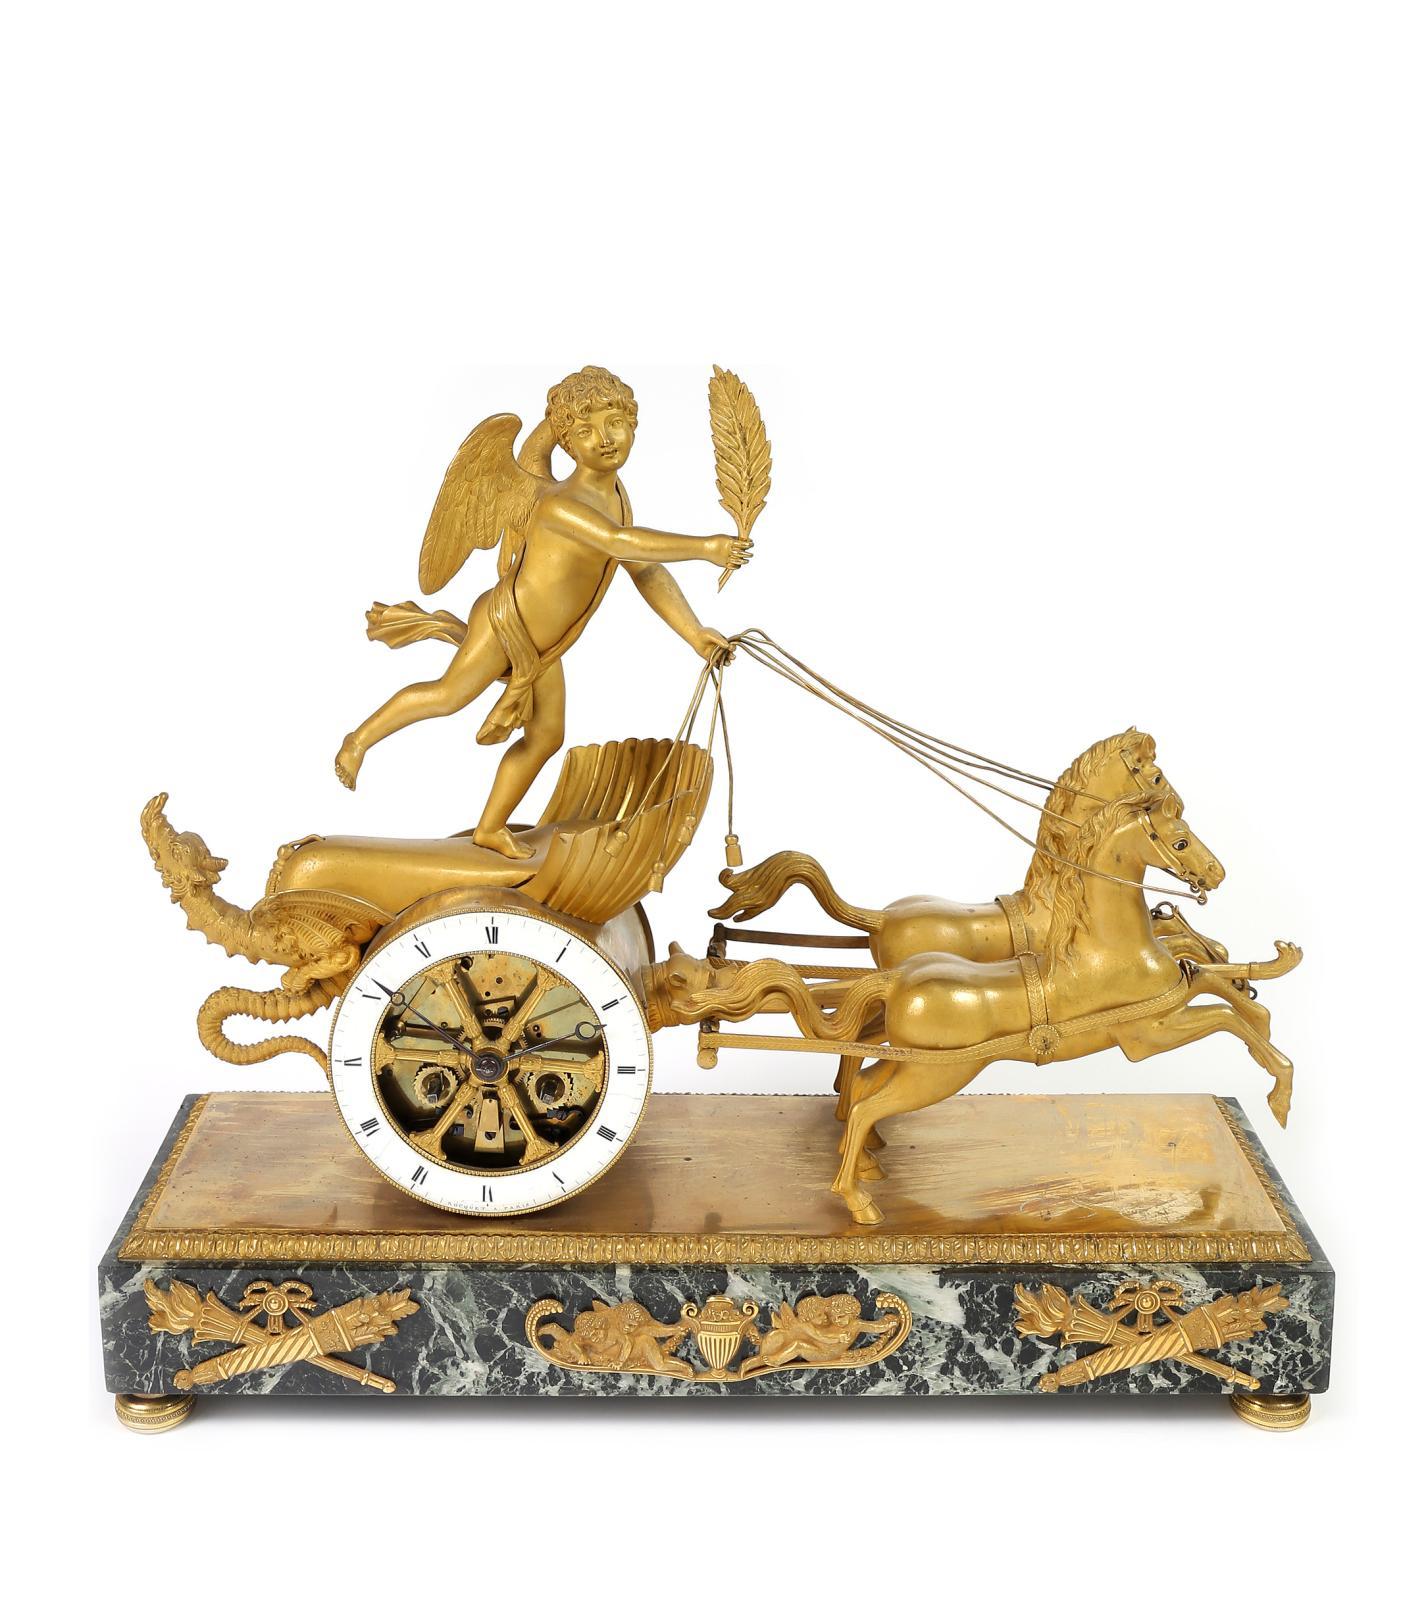 Pendule dite «au char de l'Amour», en bronze ciselé et doré, mouvement squelette inscrit dans la roue du char, type Breguet, cadran signé de Rocquet à